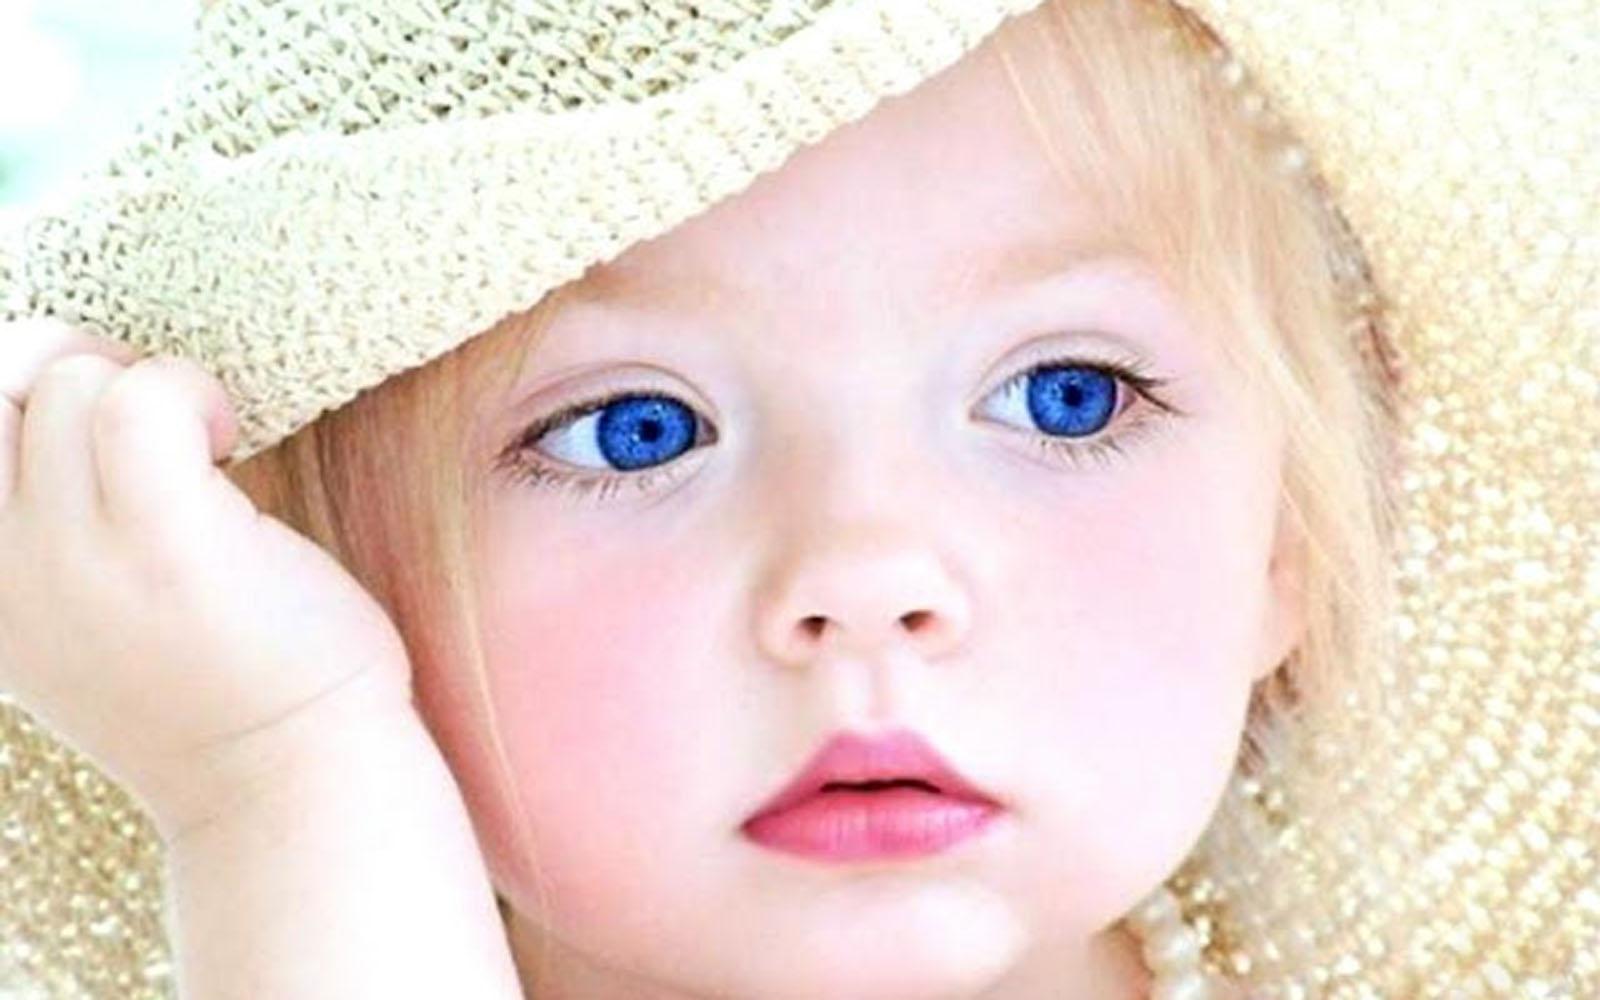 ce757d360 Wallpaper Baby Cute - WallpaperSafari